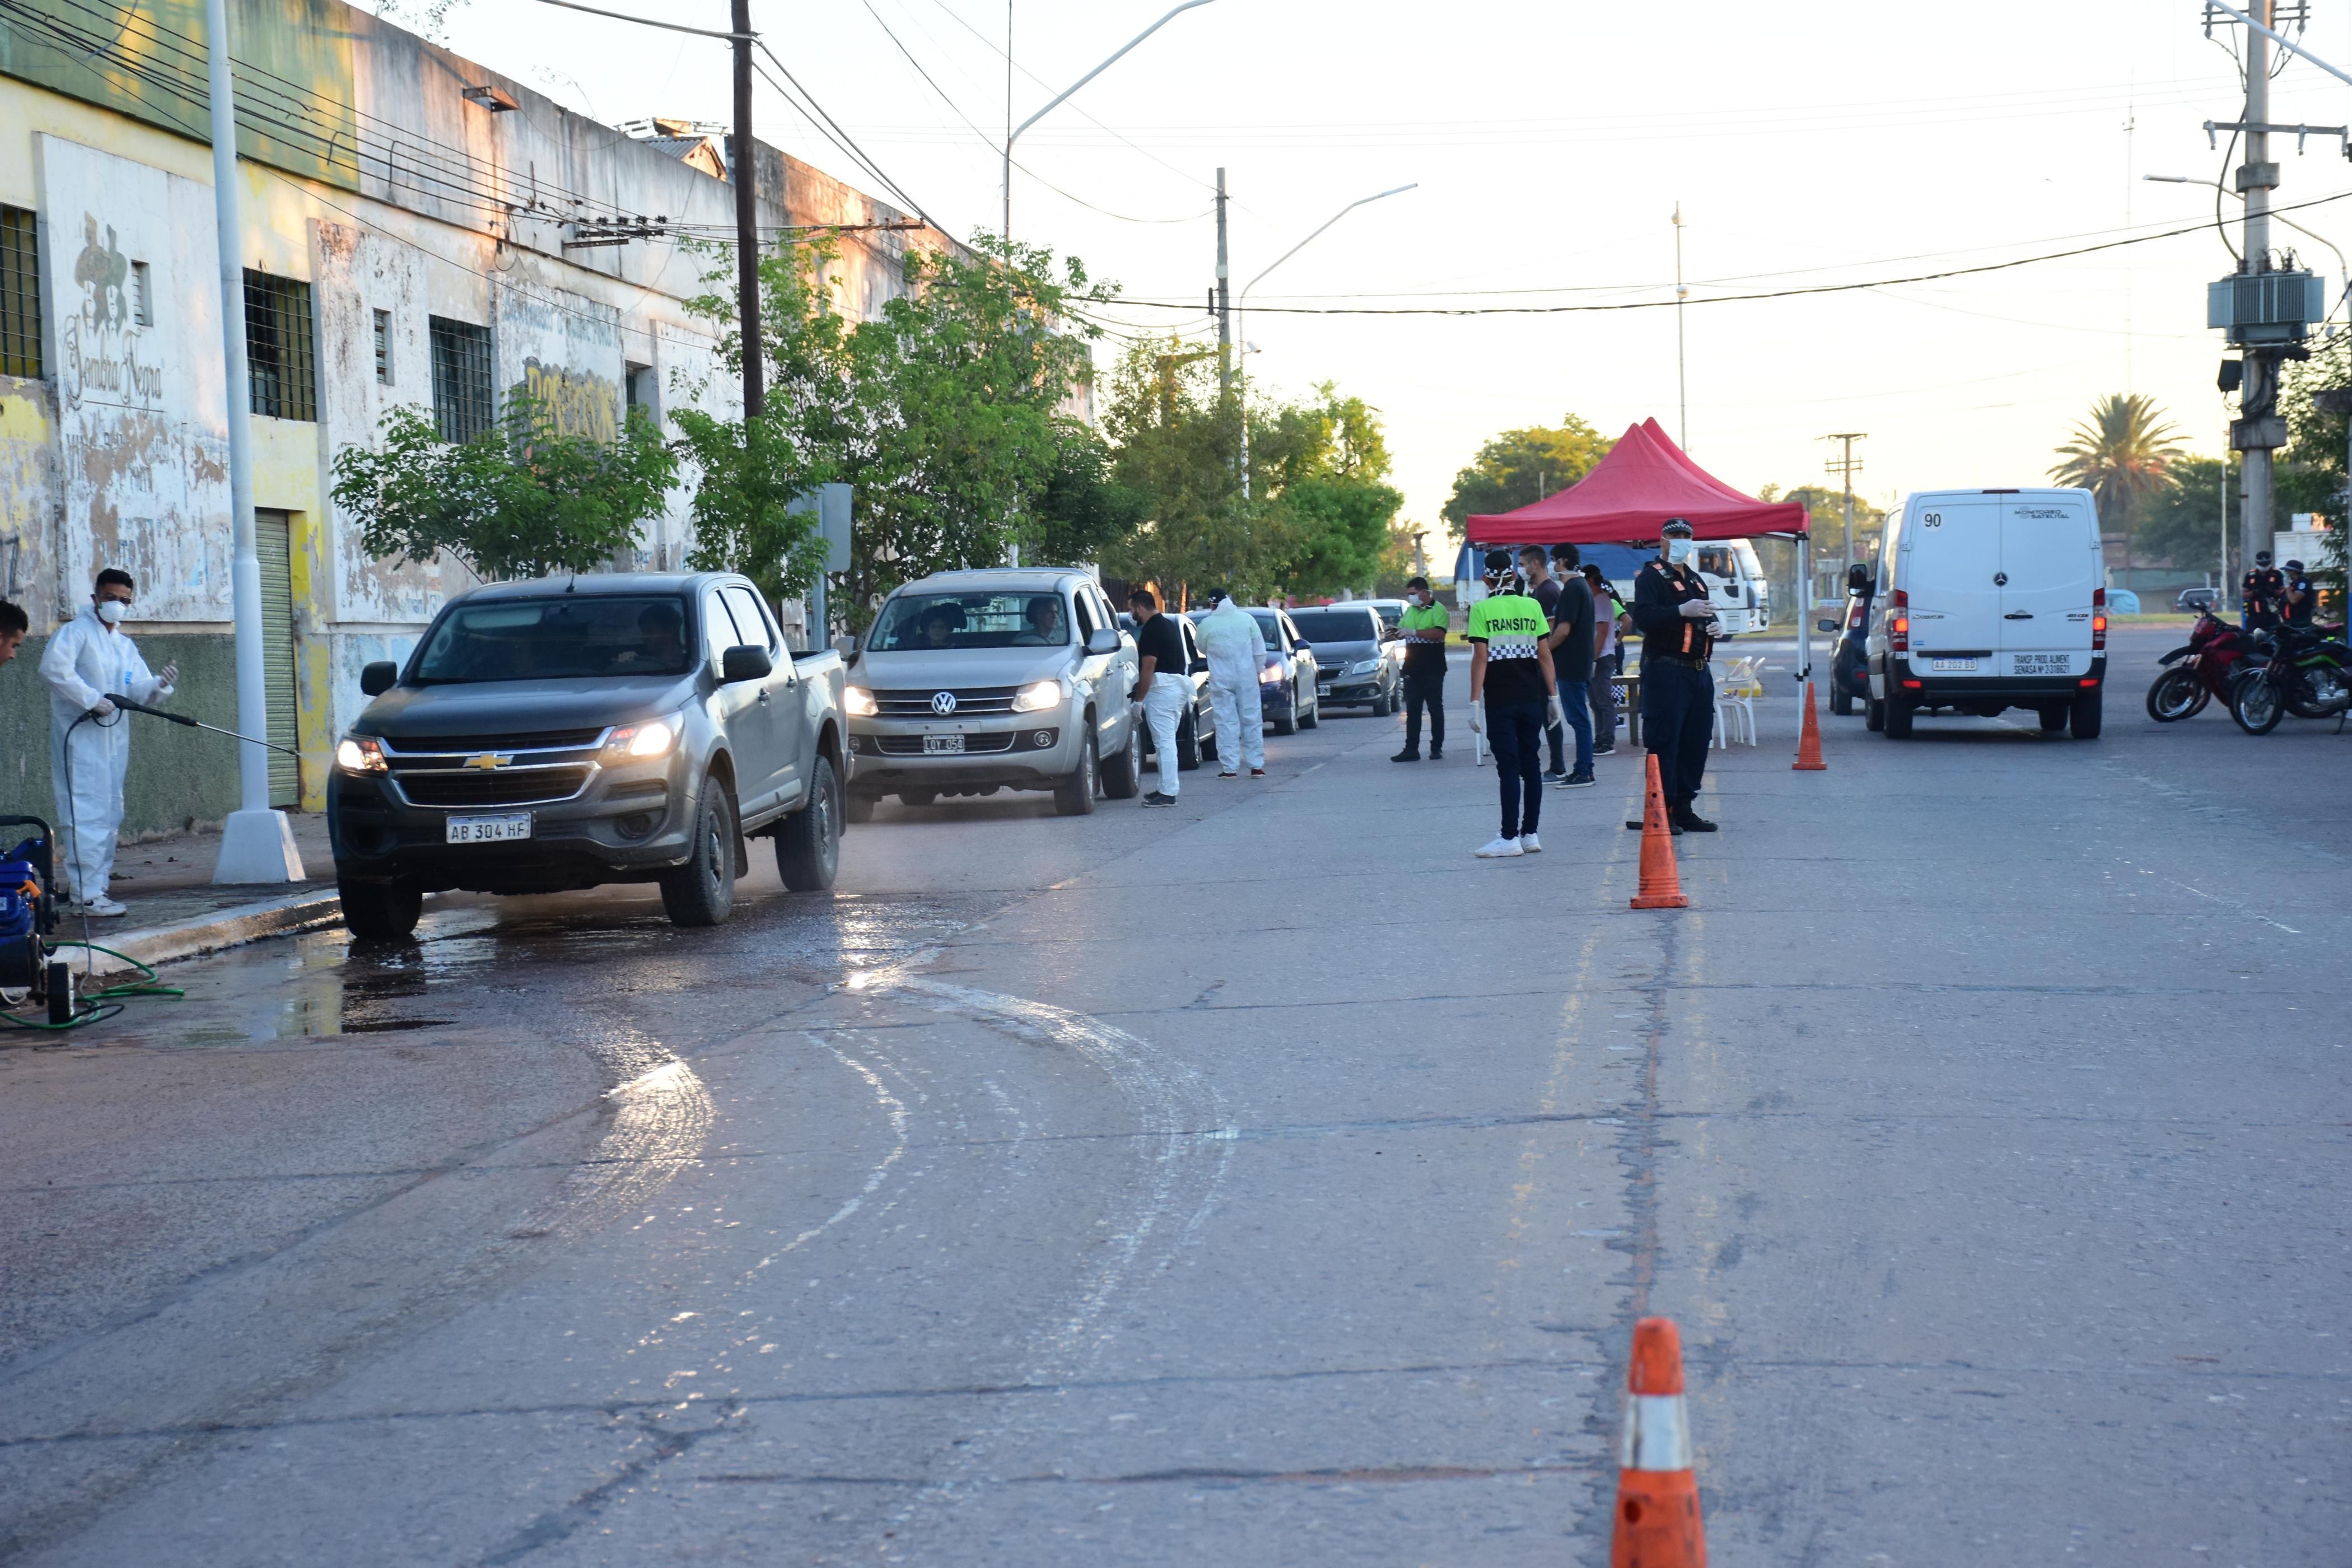 Saenz Peña:Se detectó un caso de Dengue en los operativos de control y prevención en el acceso de ruta 16 y calle 12